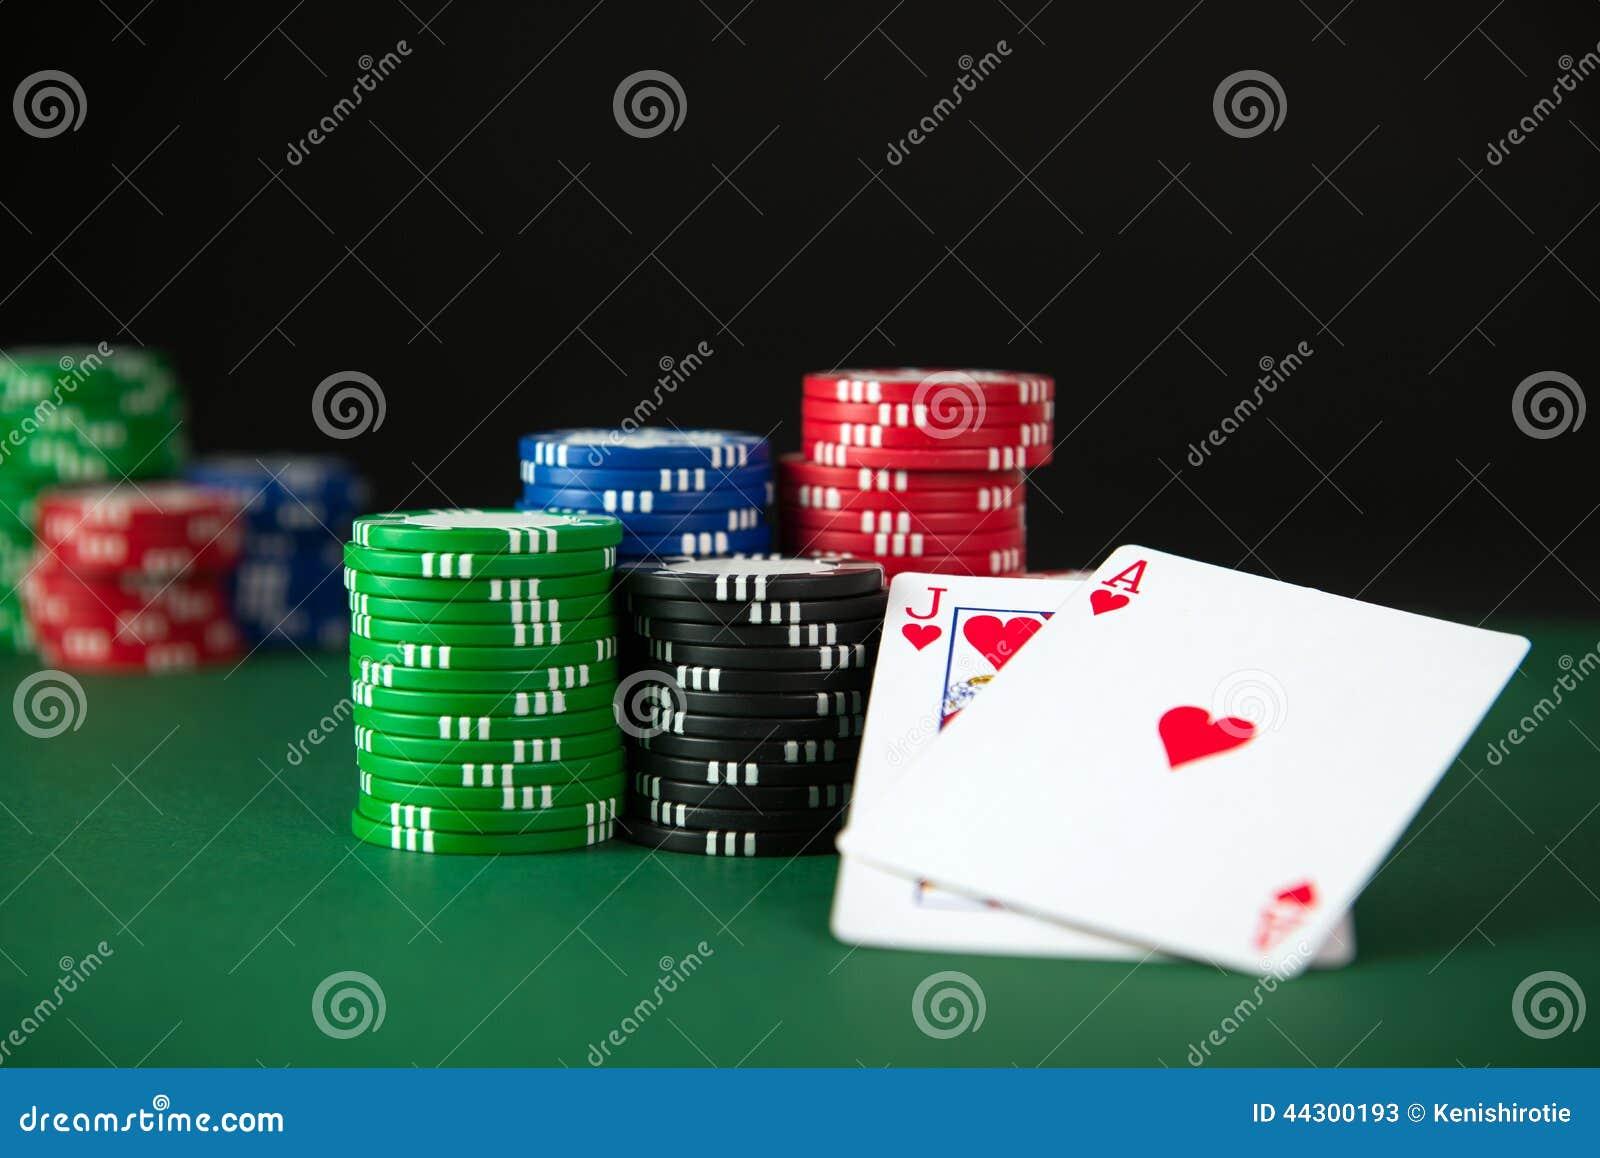 lotto spielen ab wieviel richtige zahlen kann man gewinnen